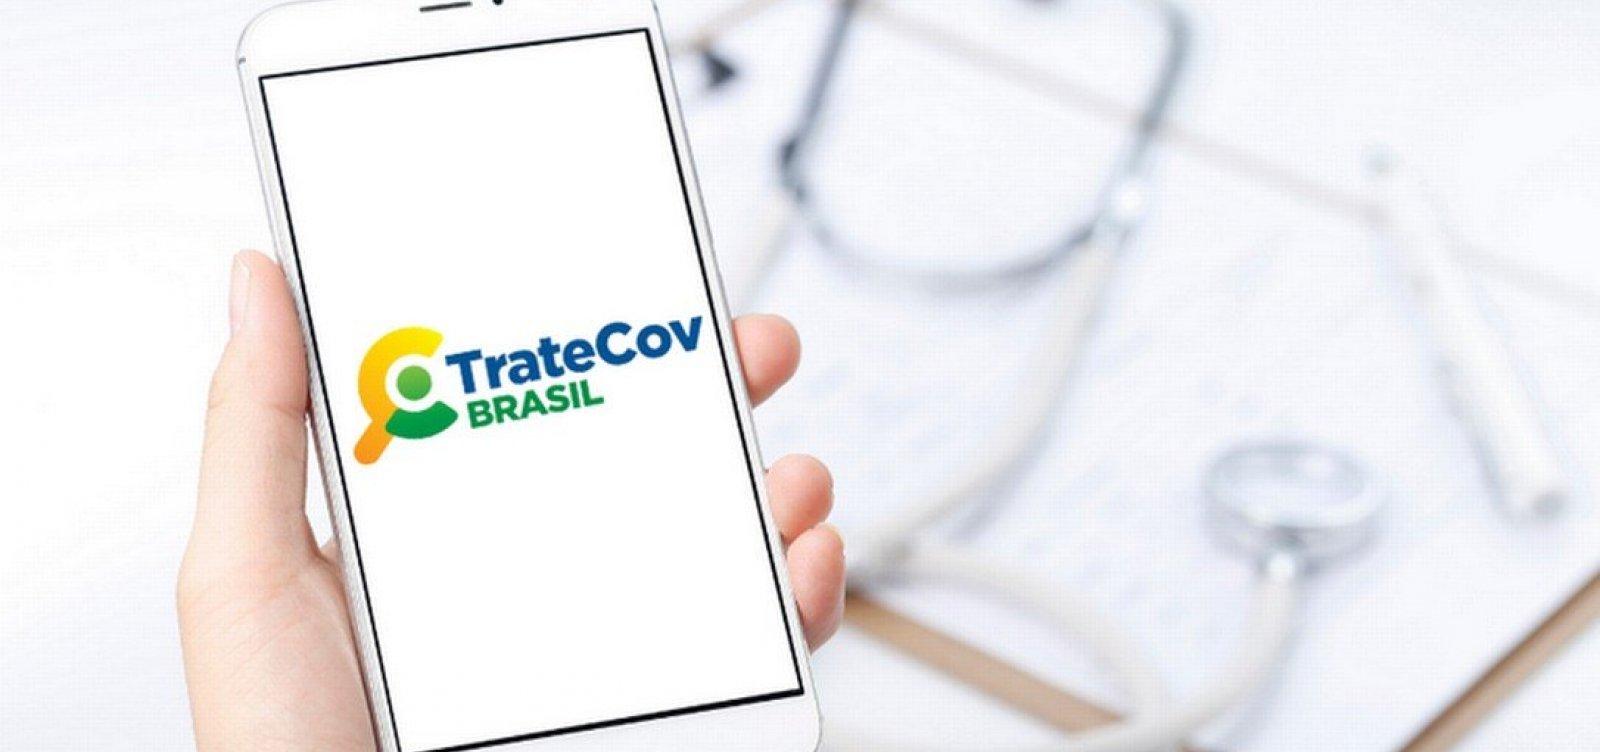 [App do Ministério da Saúde orienta 'tratamento precoce' para Covid-19 com medicamentos não comprovados]